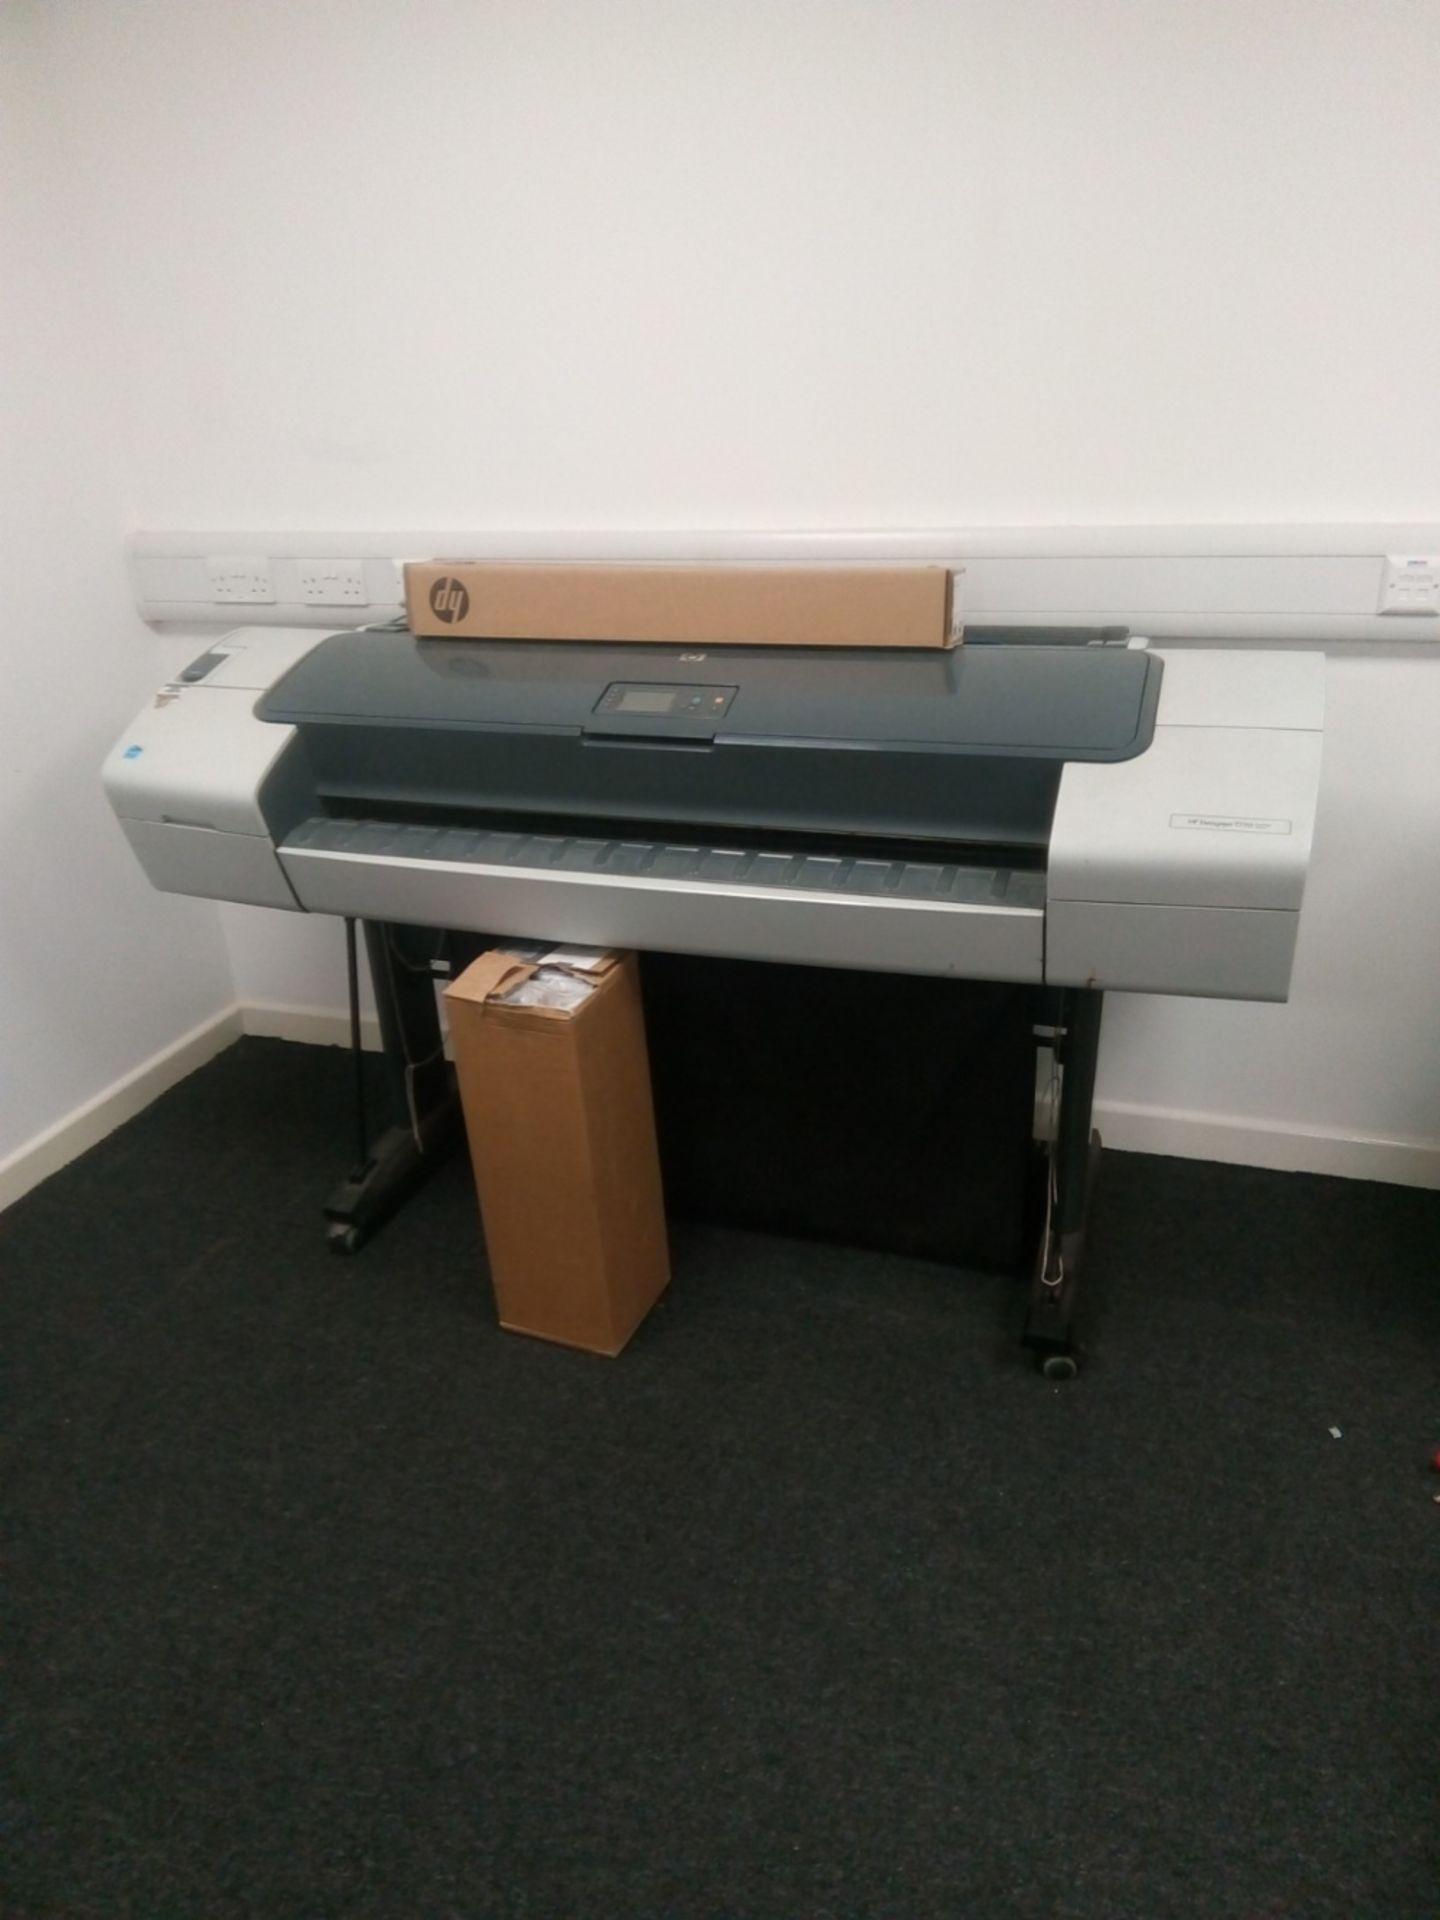 HP Digi Jet 1770 Hard Disc version Wide Format Printer/Plotter